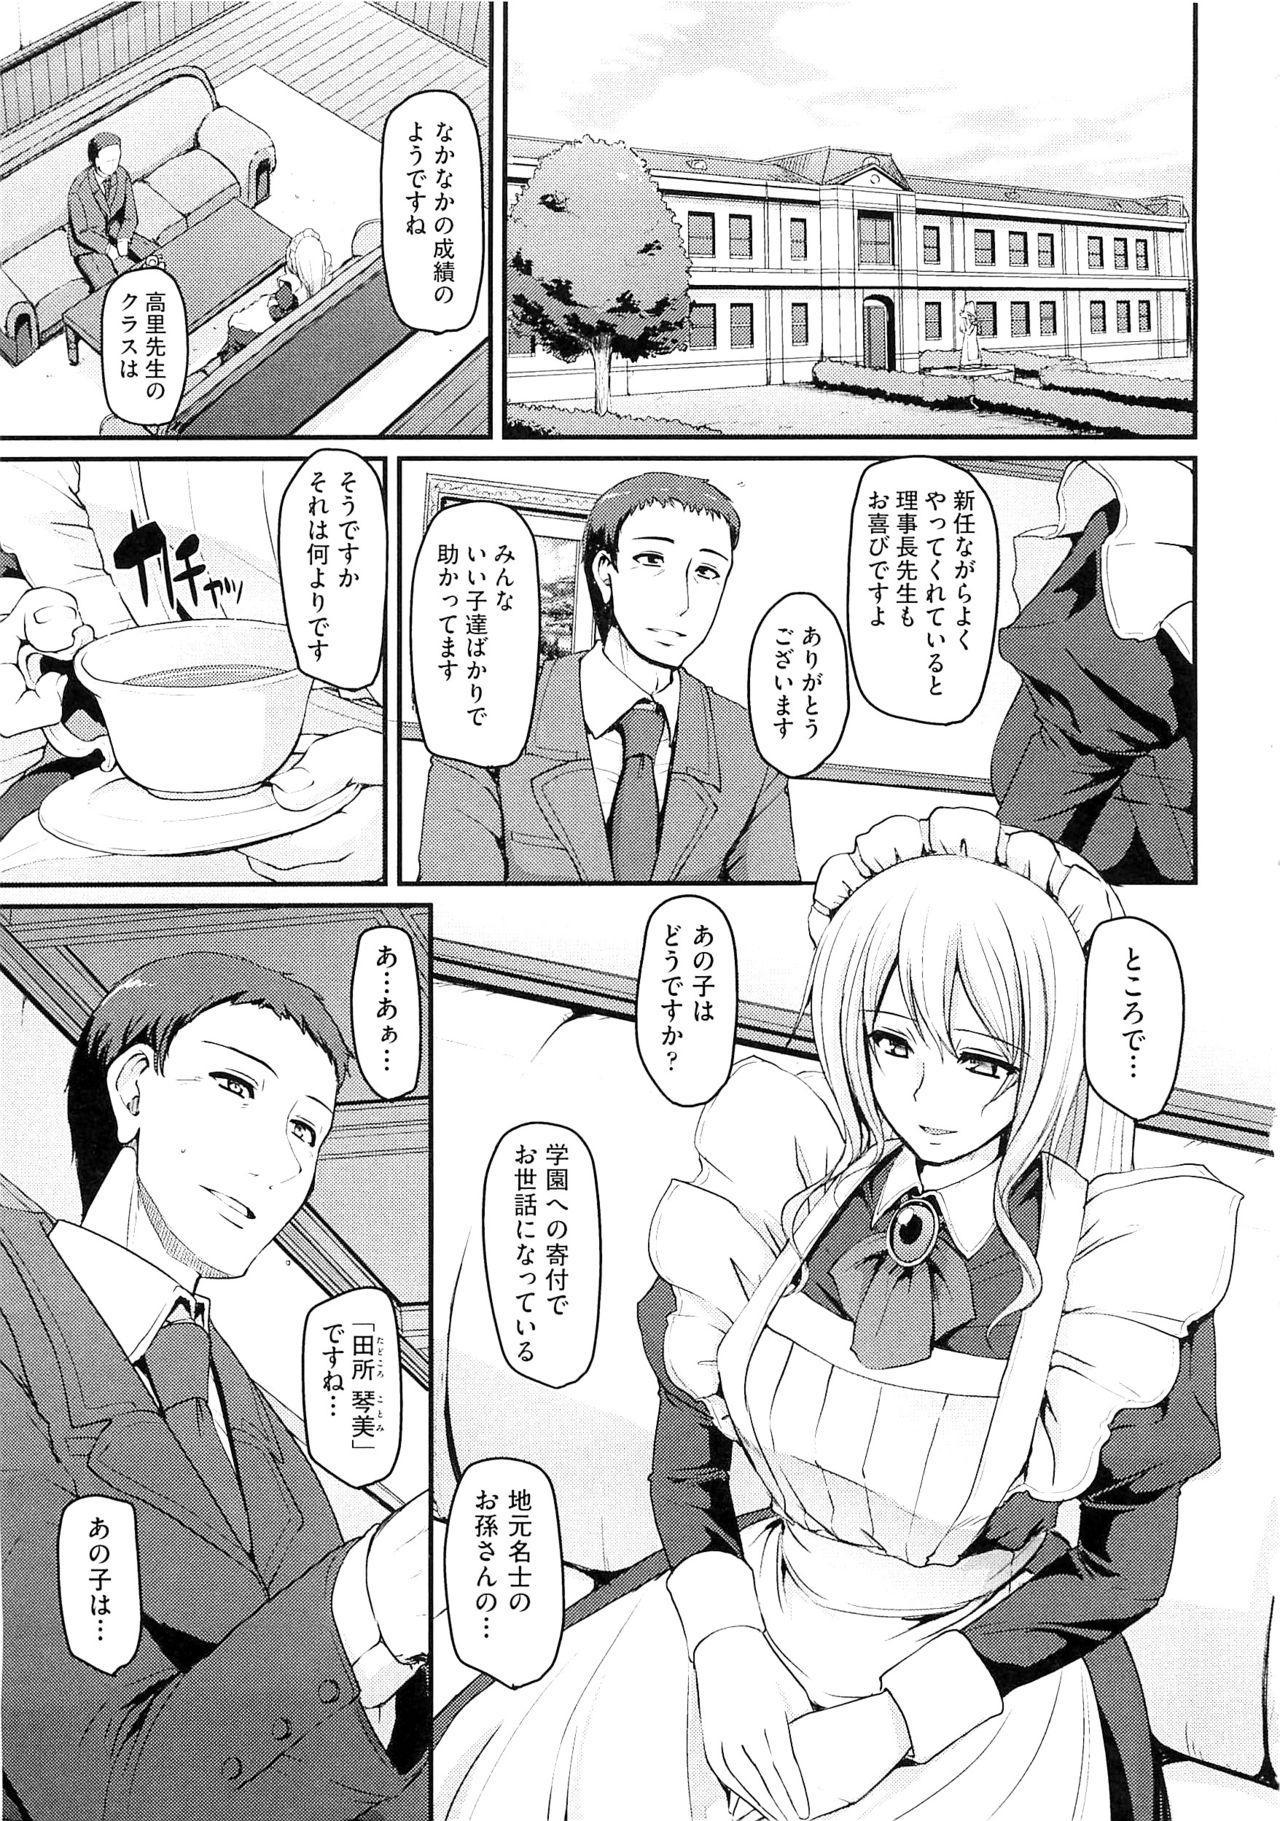 Maid Gakuen e Youkoso!! - Welcome to Maid Academy 74